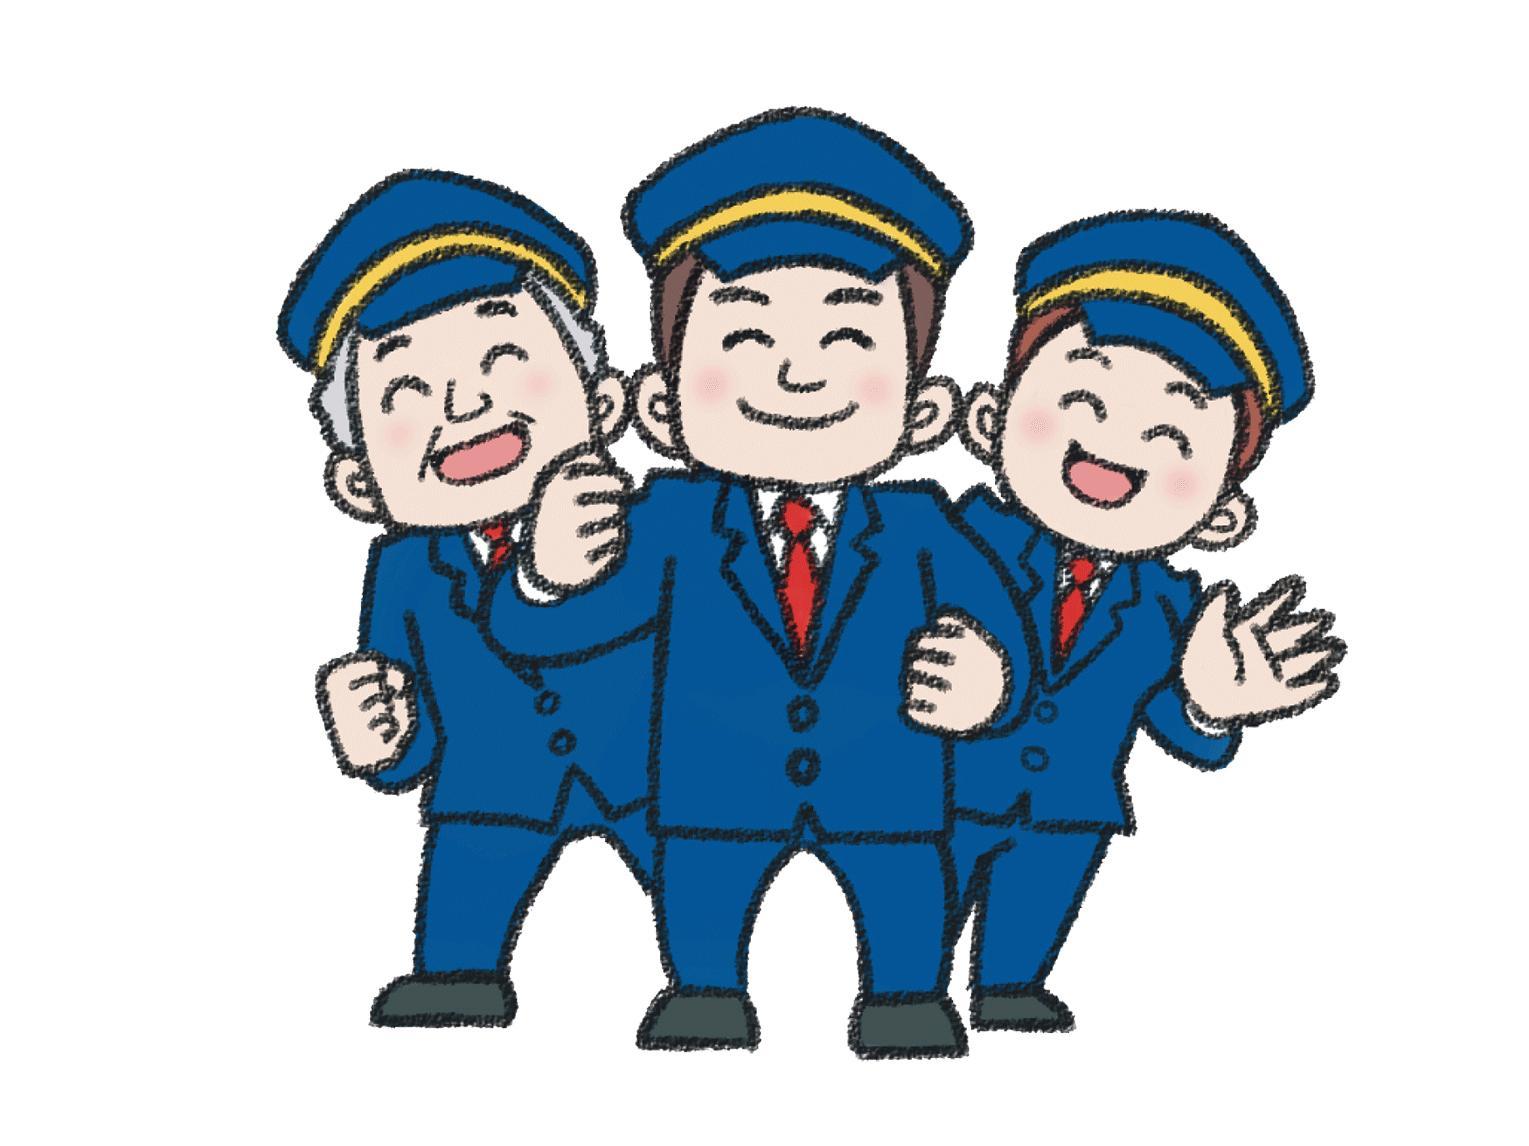 【空港警備スタッフ】充実した福利厚生であなたのご応募をお待ちしております♪